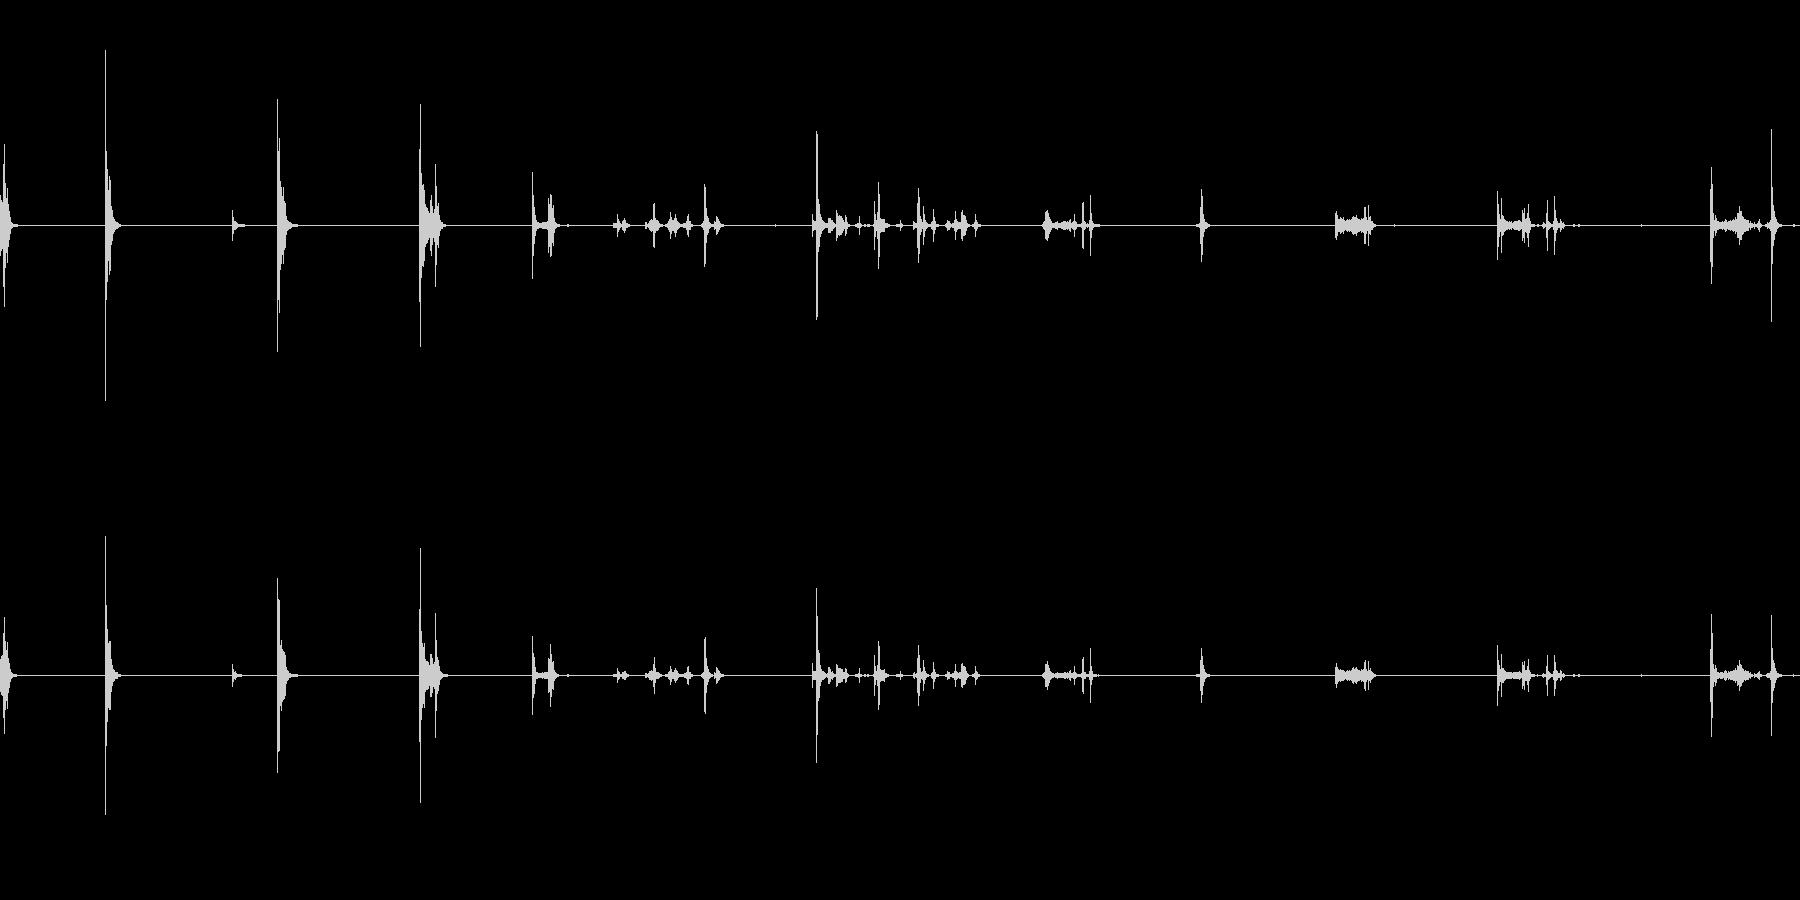 ケトル、ポット、蓋、オン、オフ、キ...の未再生の波形